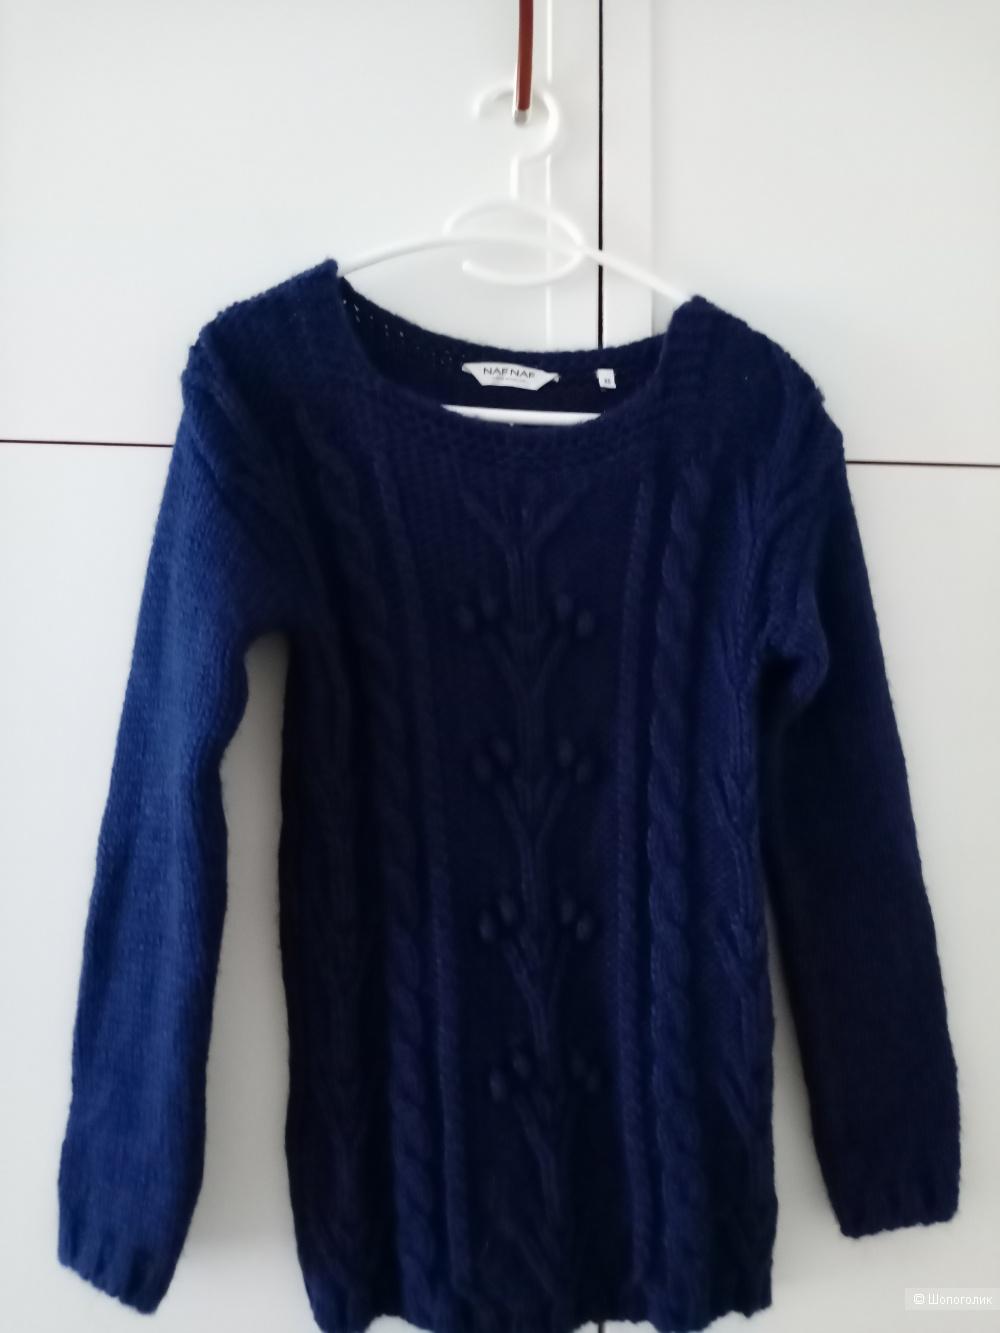 Джемпер/свитер NAF NAF,  размер XS